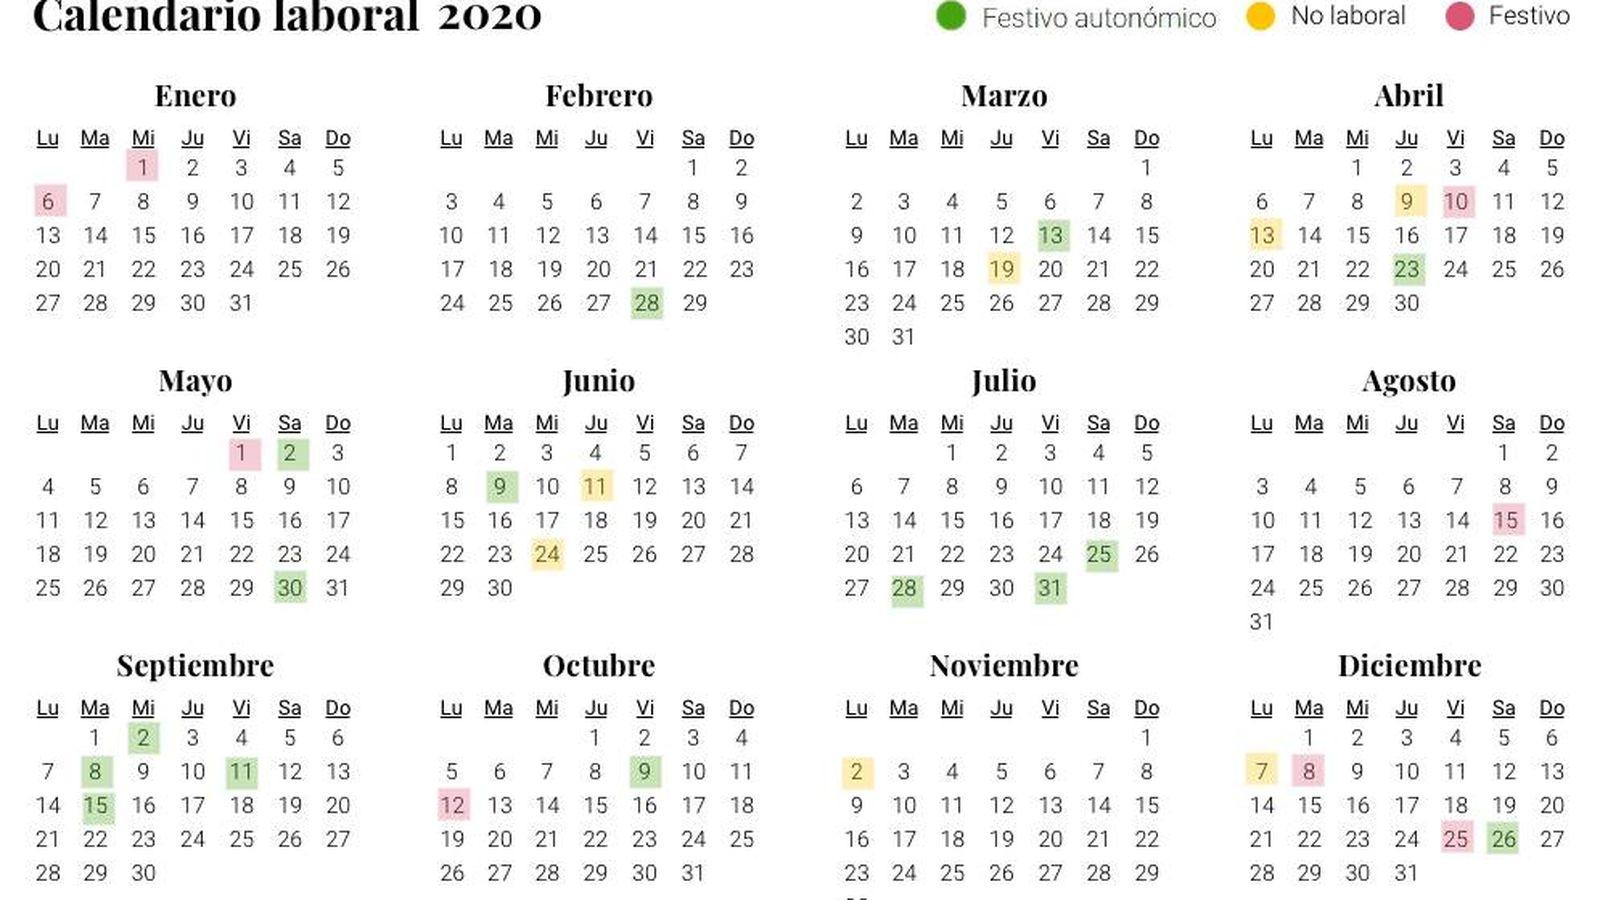 Calendario Laboral De 2020 Ocho Festivos Nacionales Y Gran Puente De La Constitución